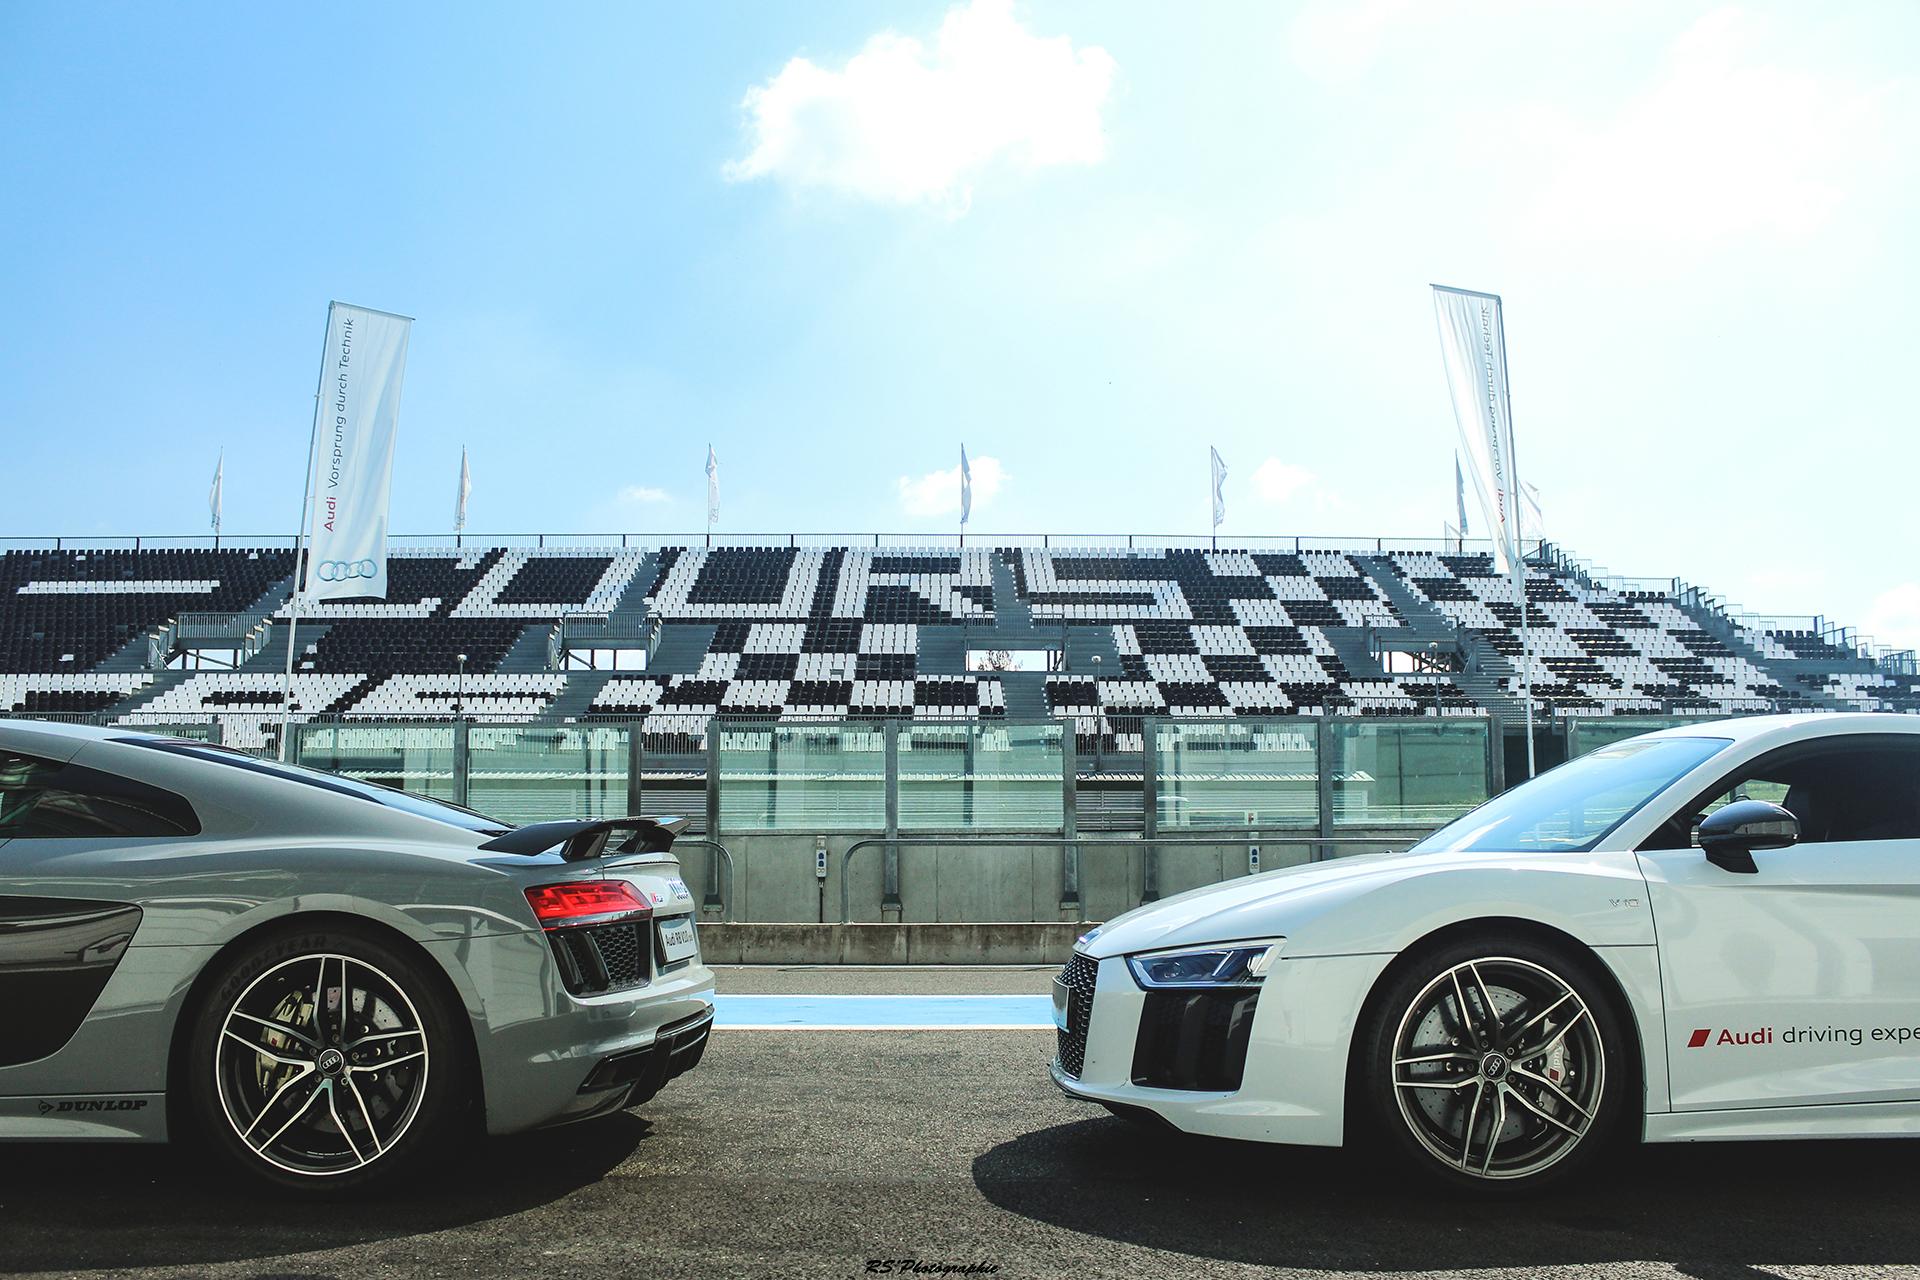 Audi R8 V10 Plus - roues avant arrière / front rear wheels - photo Arnaud Demasier